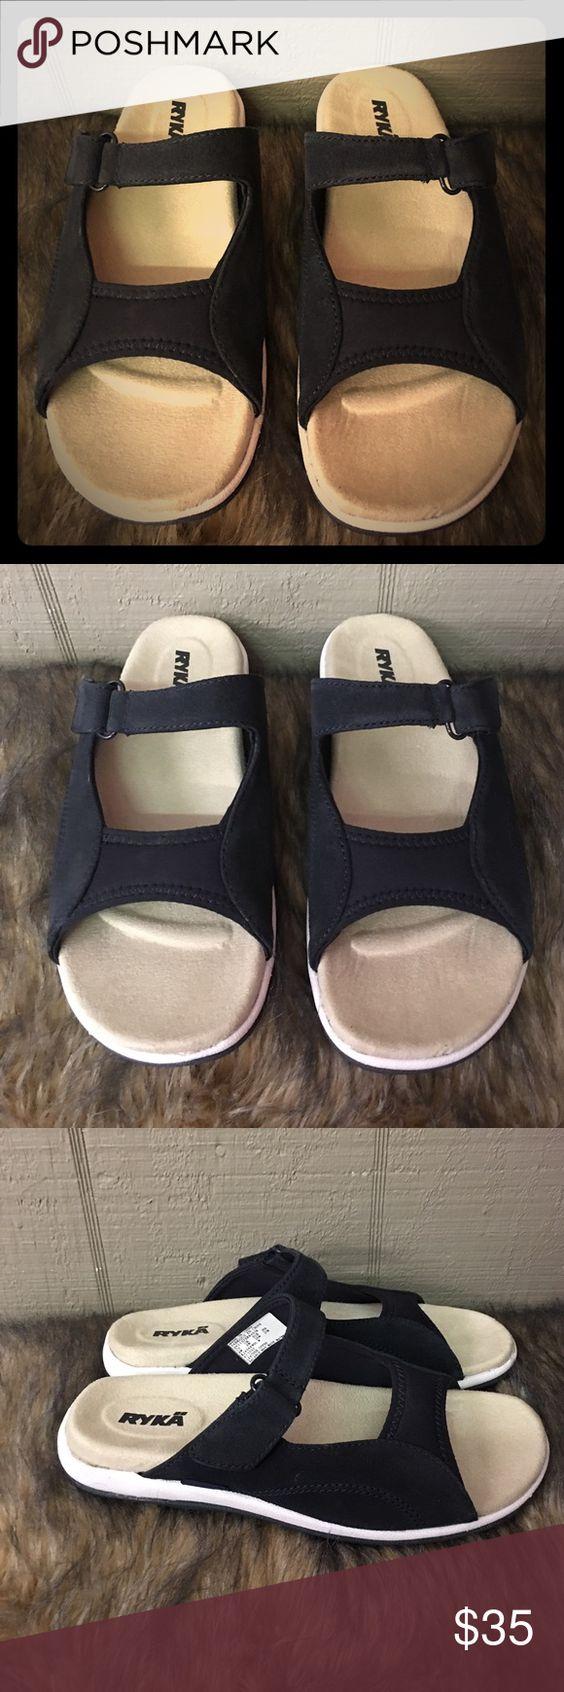 Ryka sandals shoes - Ryka Navy 8w Slip On Sandals Ryka Navy 8w Slip On Sandals Ryka Shoes Sandals